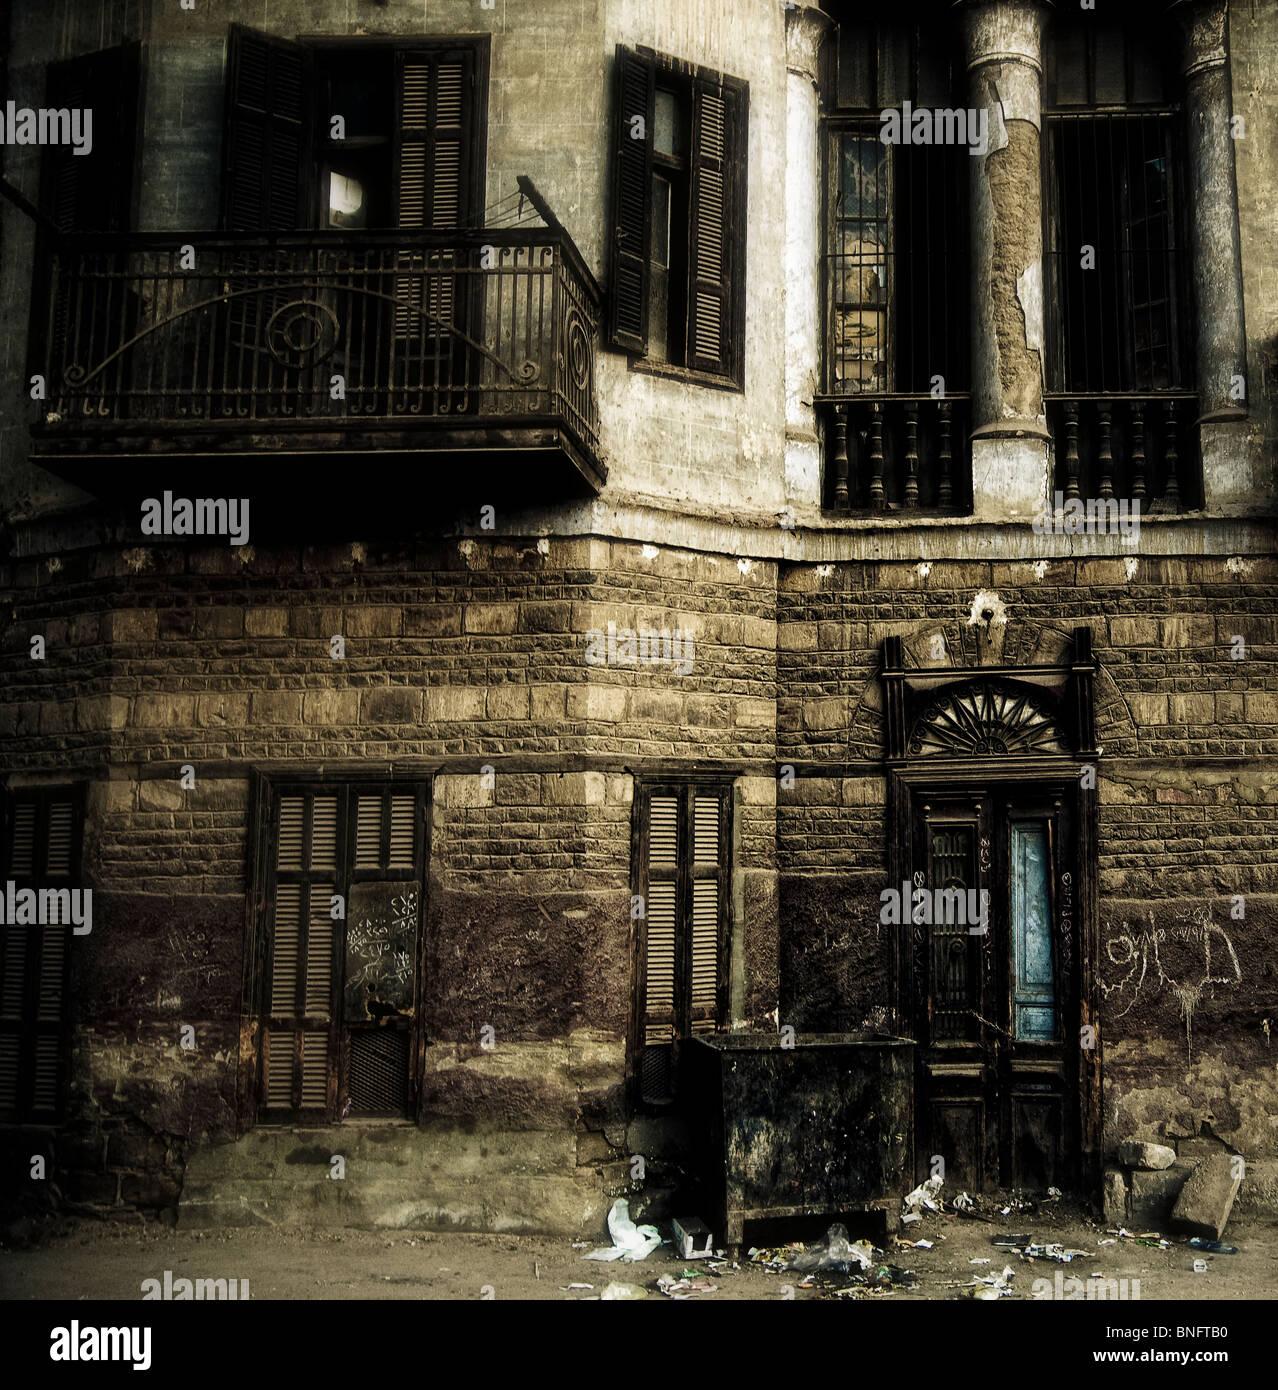 Einen alten verfallenden Gebäude aus der Kolonialzeit in der Stadt Luxor Ägypten. Stockbild